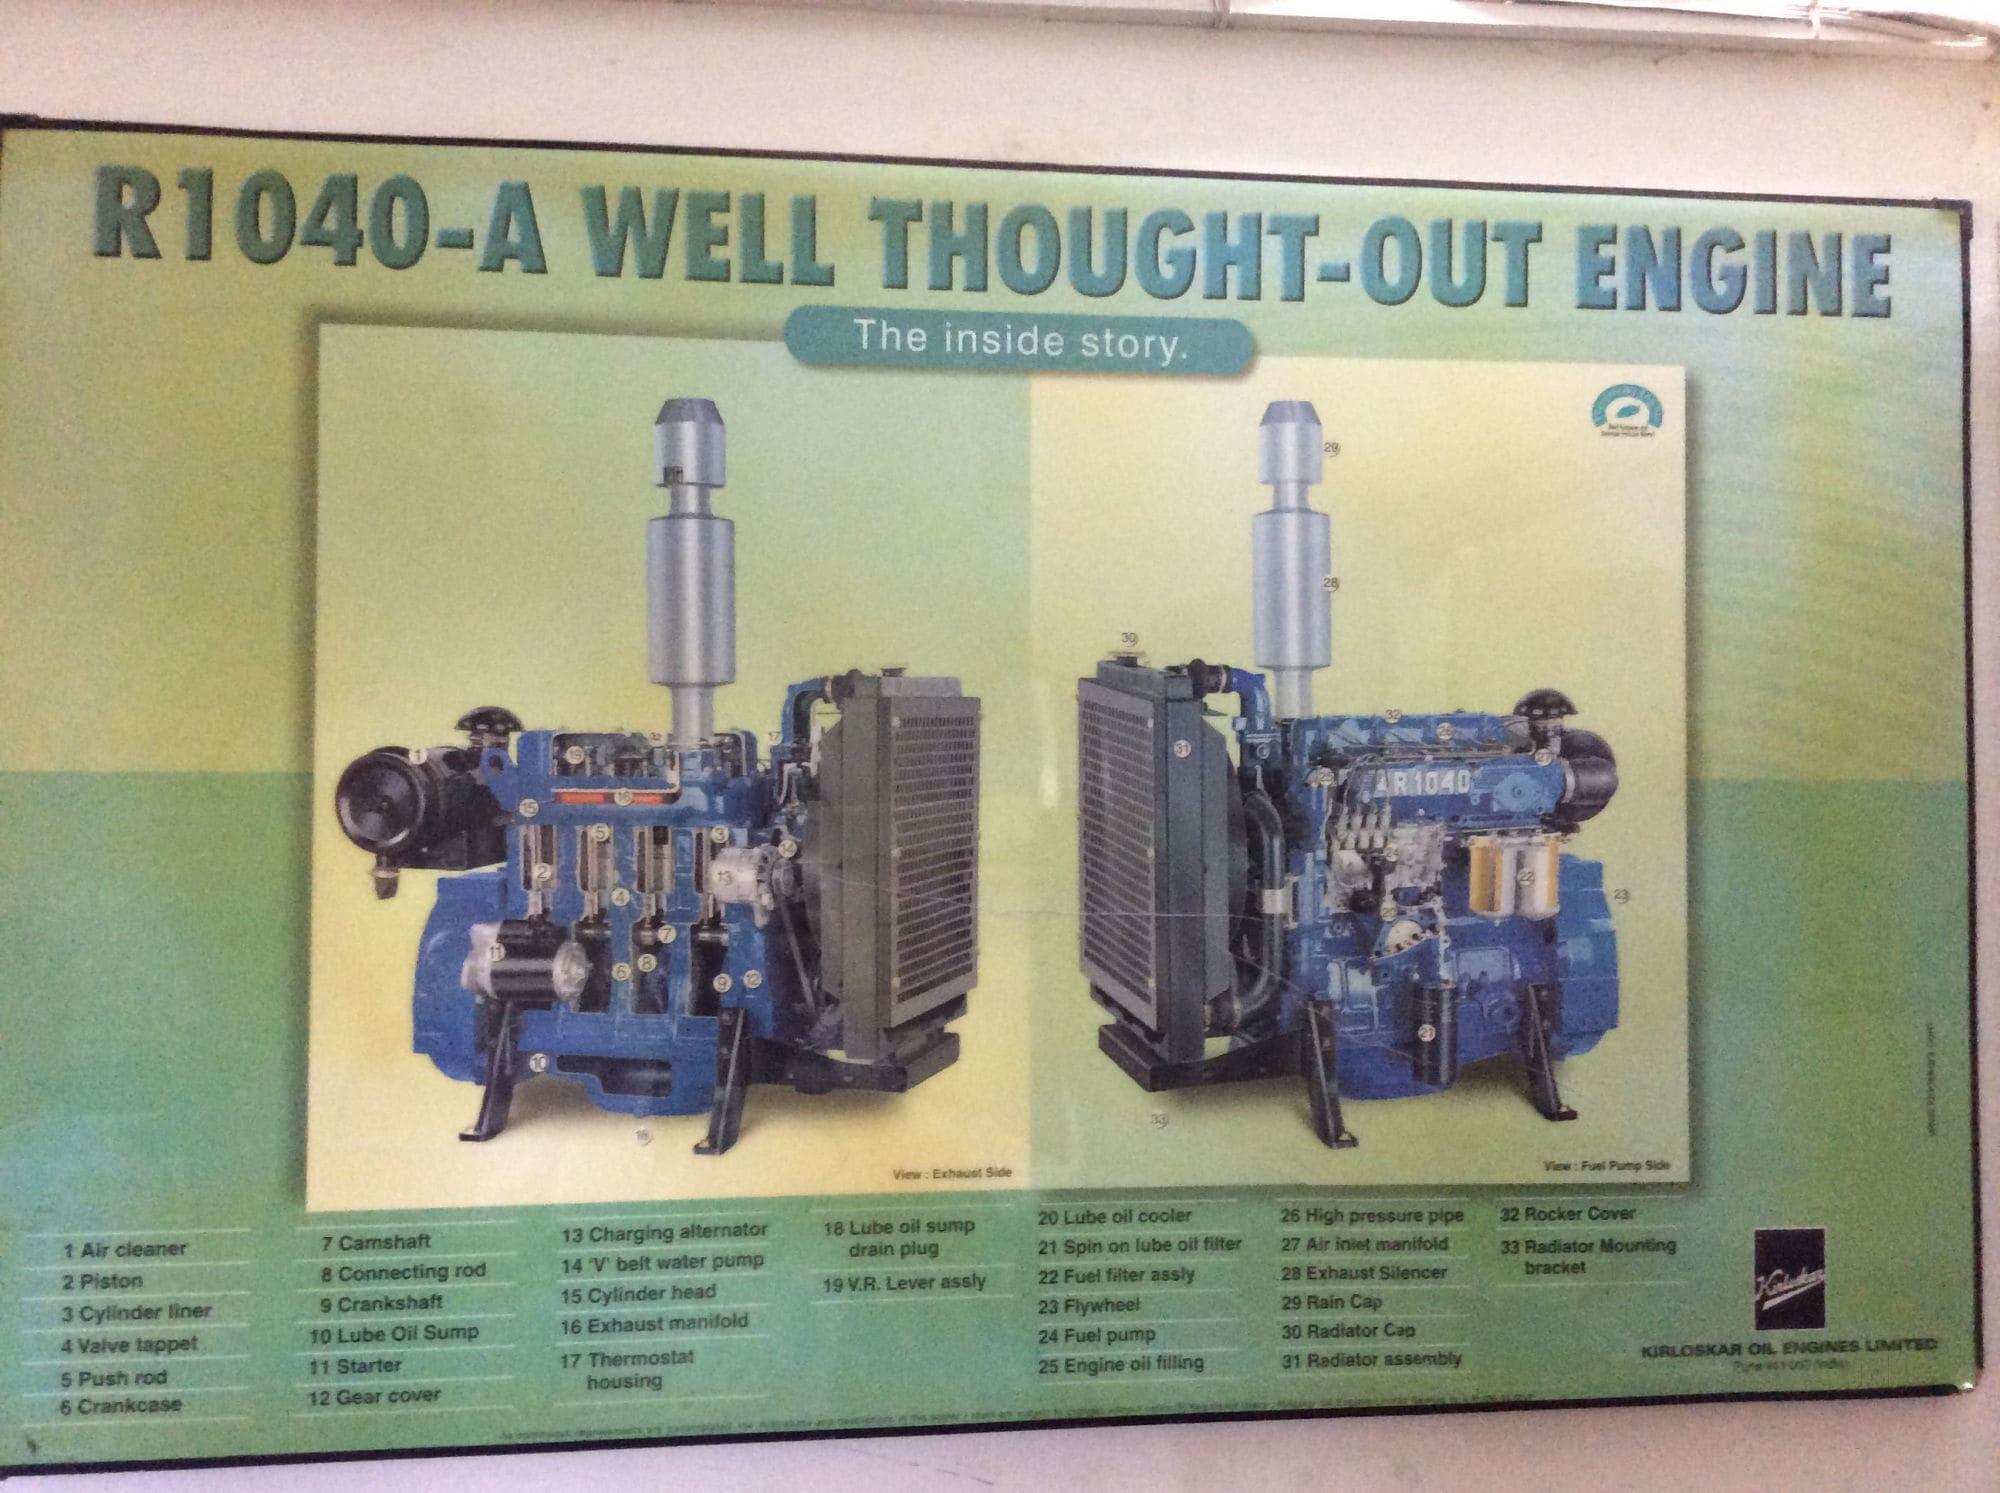 Electro Diesel Diesel Generator Dealers in Thanjavur Justdial